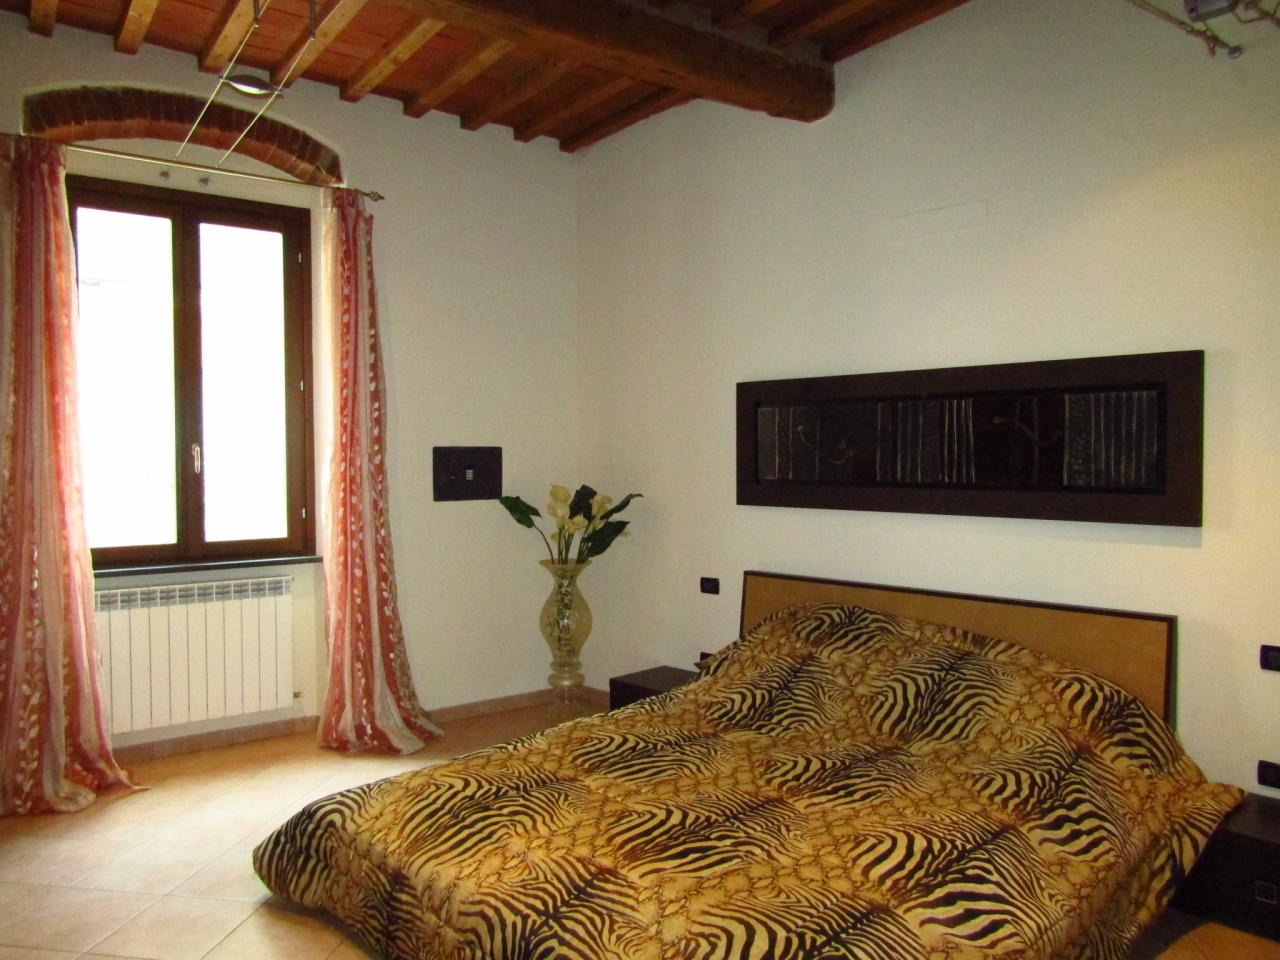 Appartamento in vendita a Livorno, 4 locali, prezzo € 130.000 | Cambio Casa.it